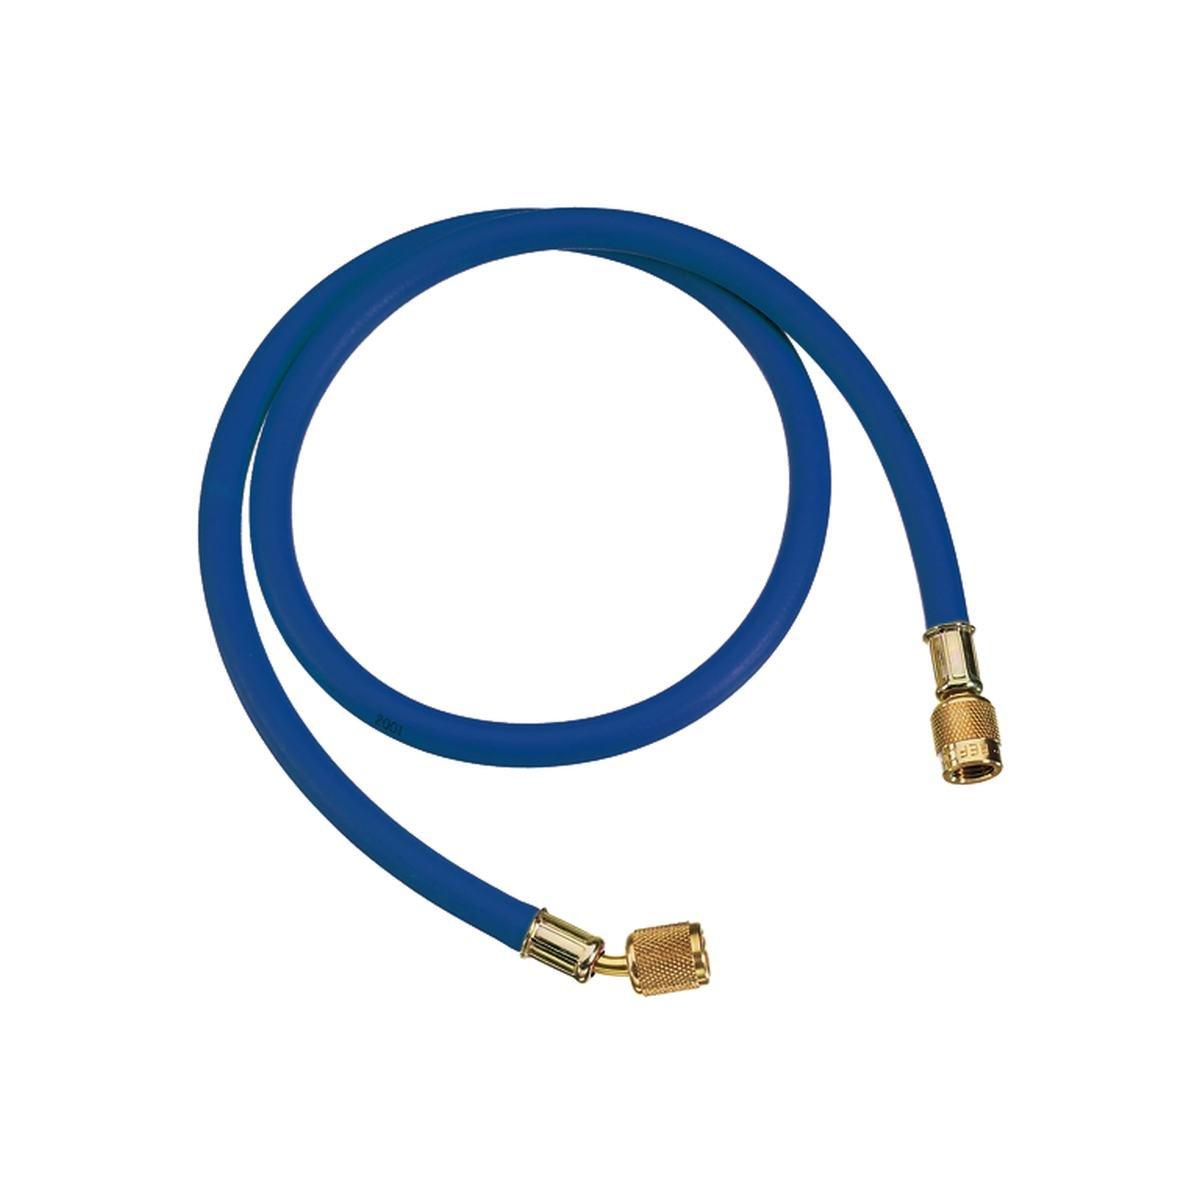 Fyldeslange blå til R410A 150 cm. - Refco